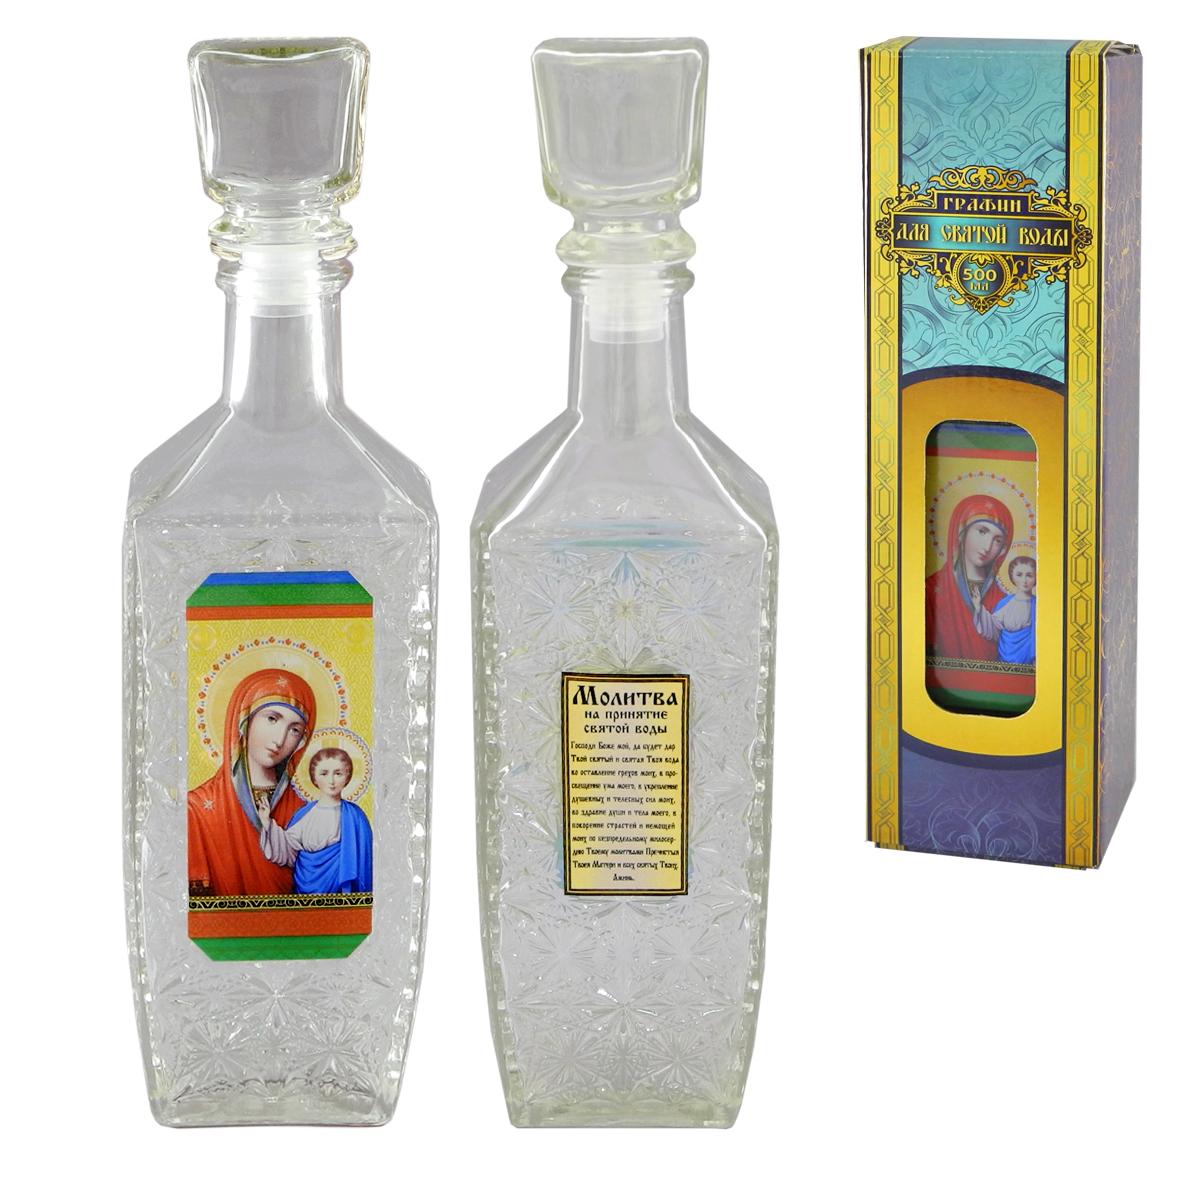 Сосуд для Святой воды Казанская икона Божией Матери, 500млVT-1520(SR)Сосуд Казанская икона Божией Матери, изготовленный из стекла, предназначен для хранения святой воды. Изделие сочетает в себе элегантный дизайн и функциональность. Такой сосуд станет отличным подарком вашим друзьям и близким!